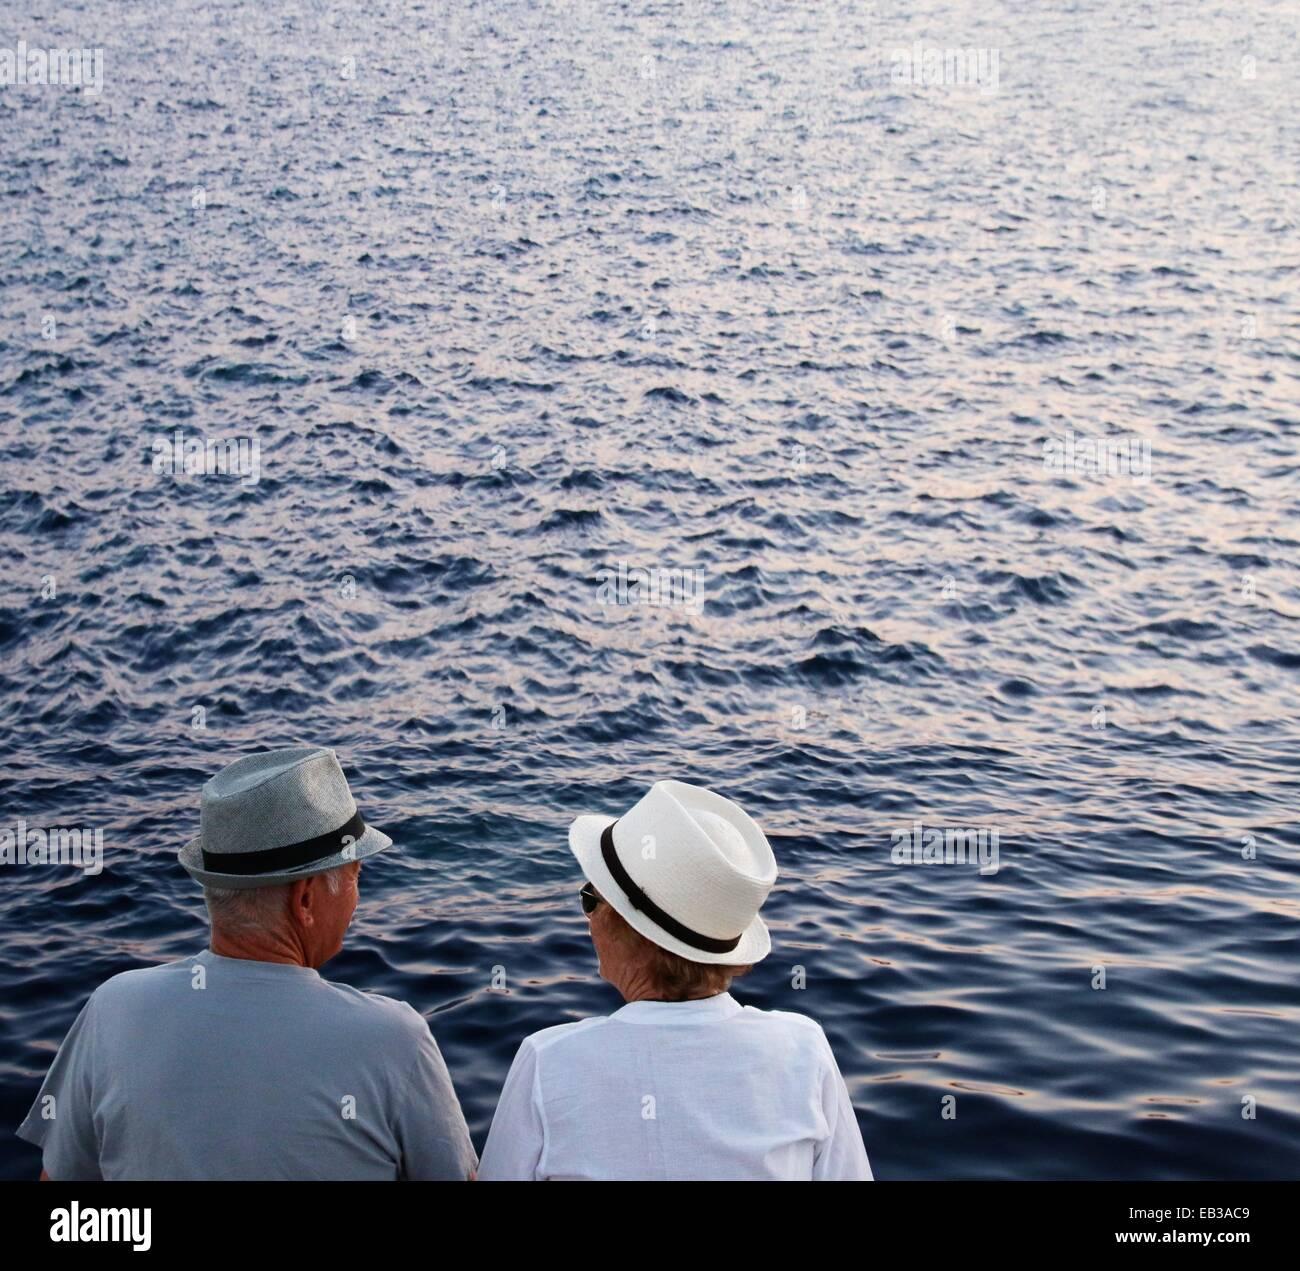 Italien, Sardinien, paar mit Hüten, Blick auf See Stockbild